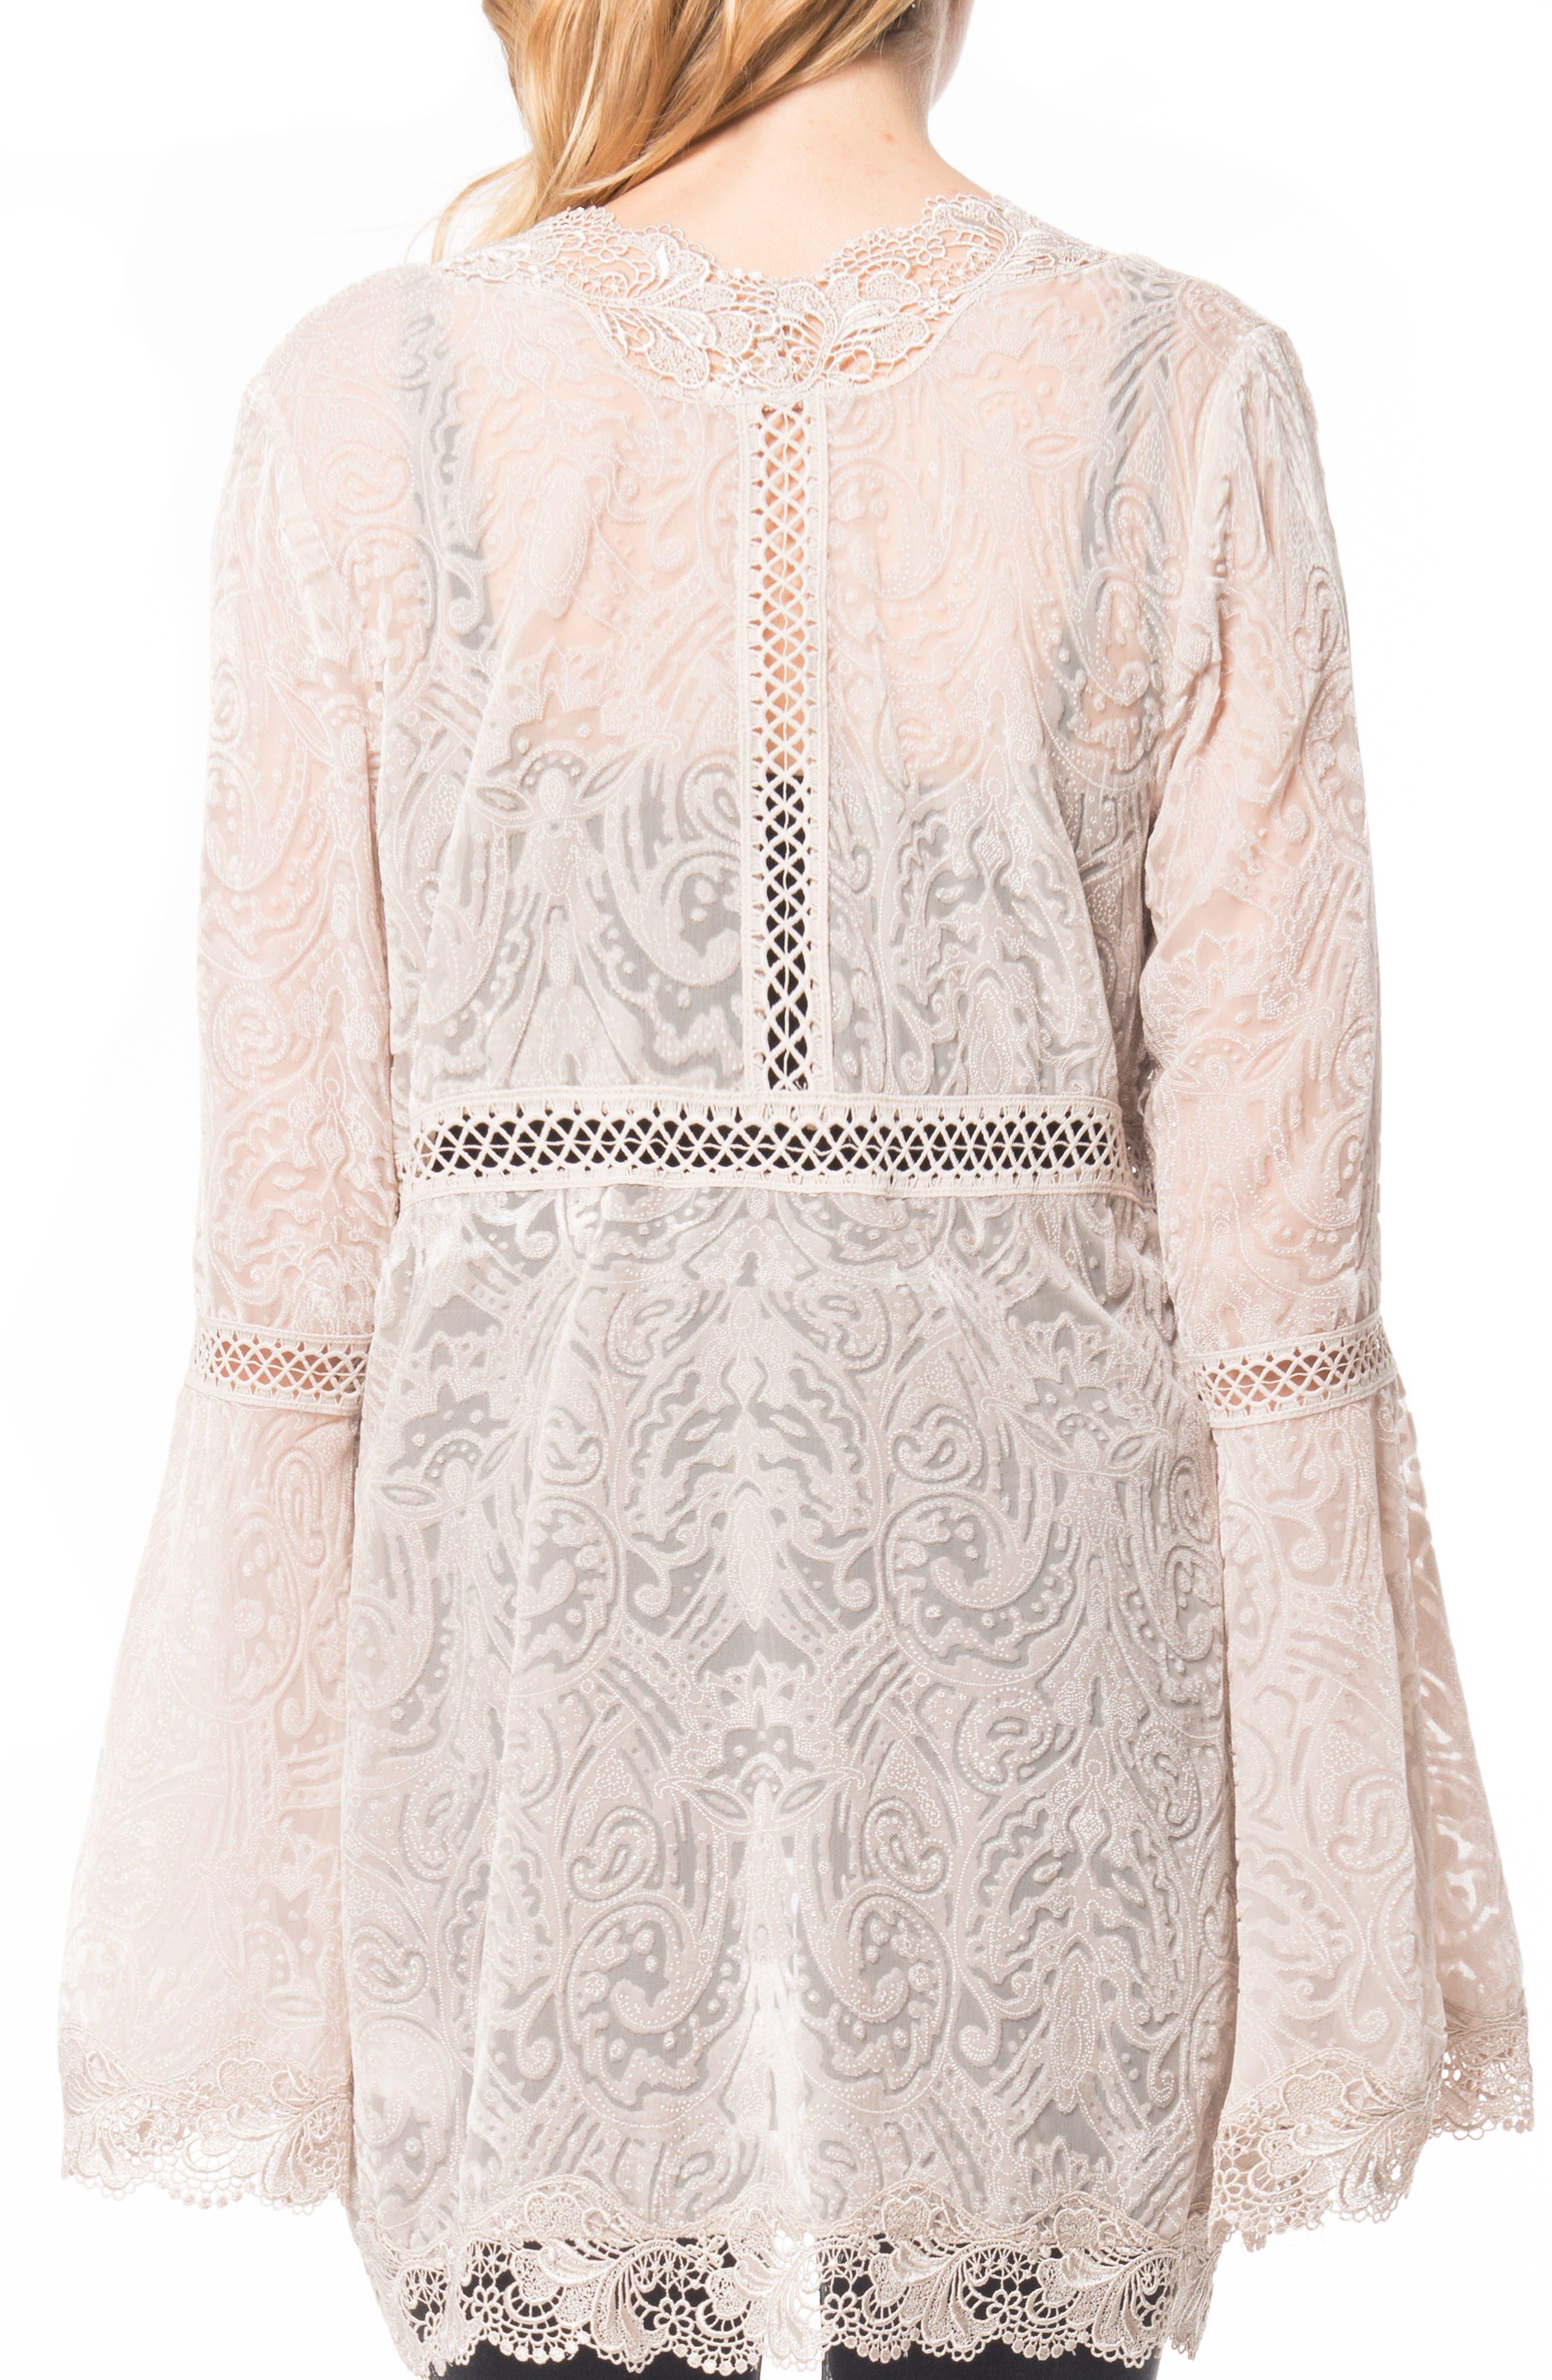 Velvet & Lace Kimono Cardigan,                             Alternate thumbnail 2, color,                             Pearl